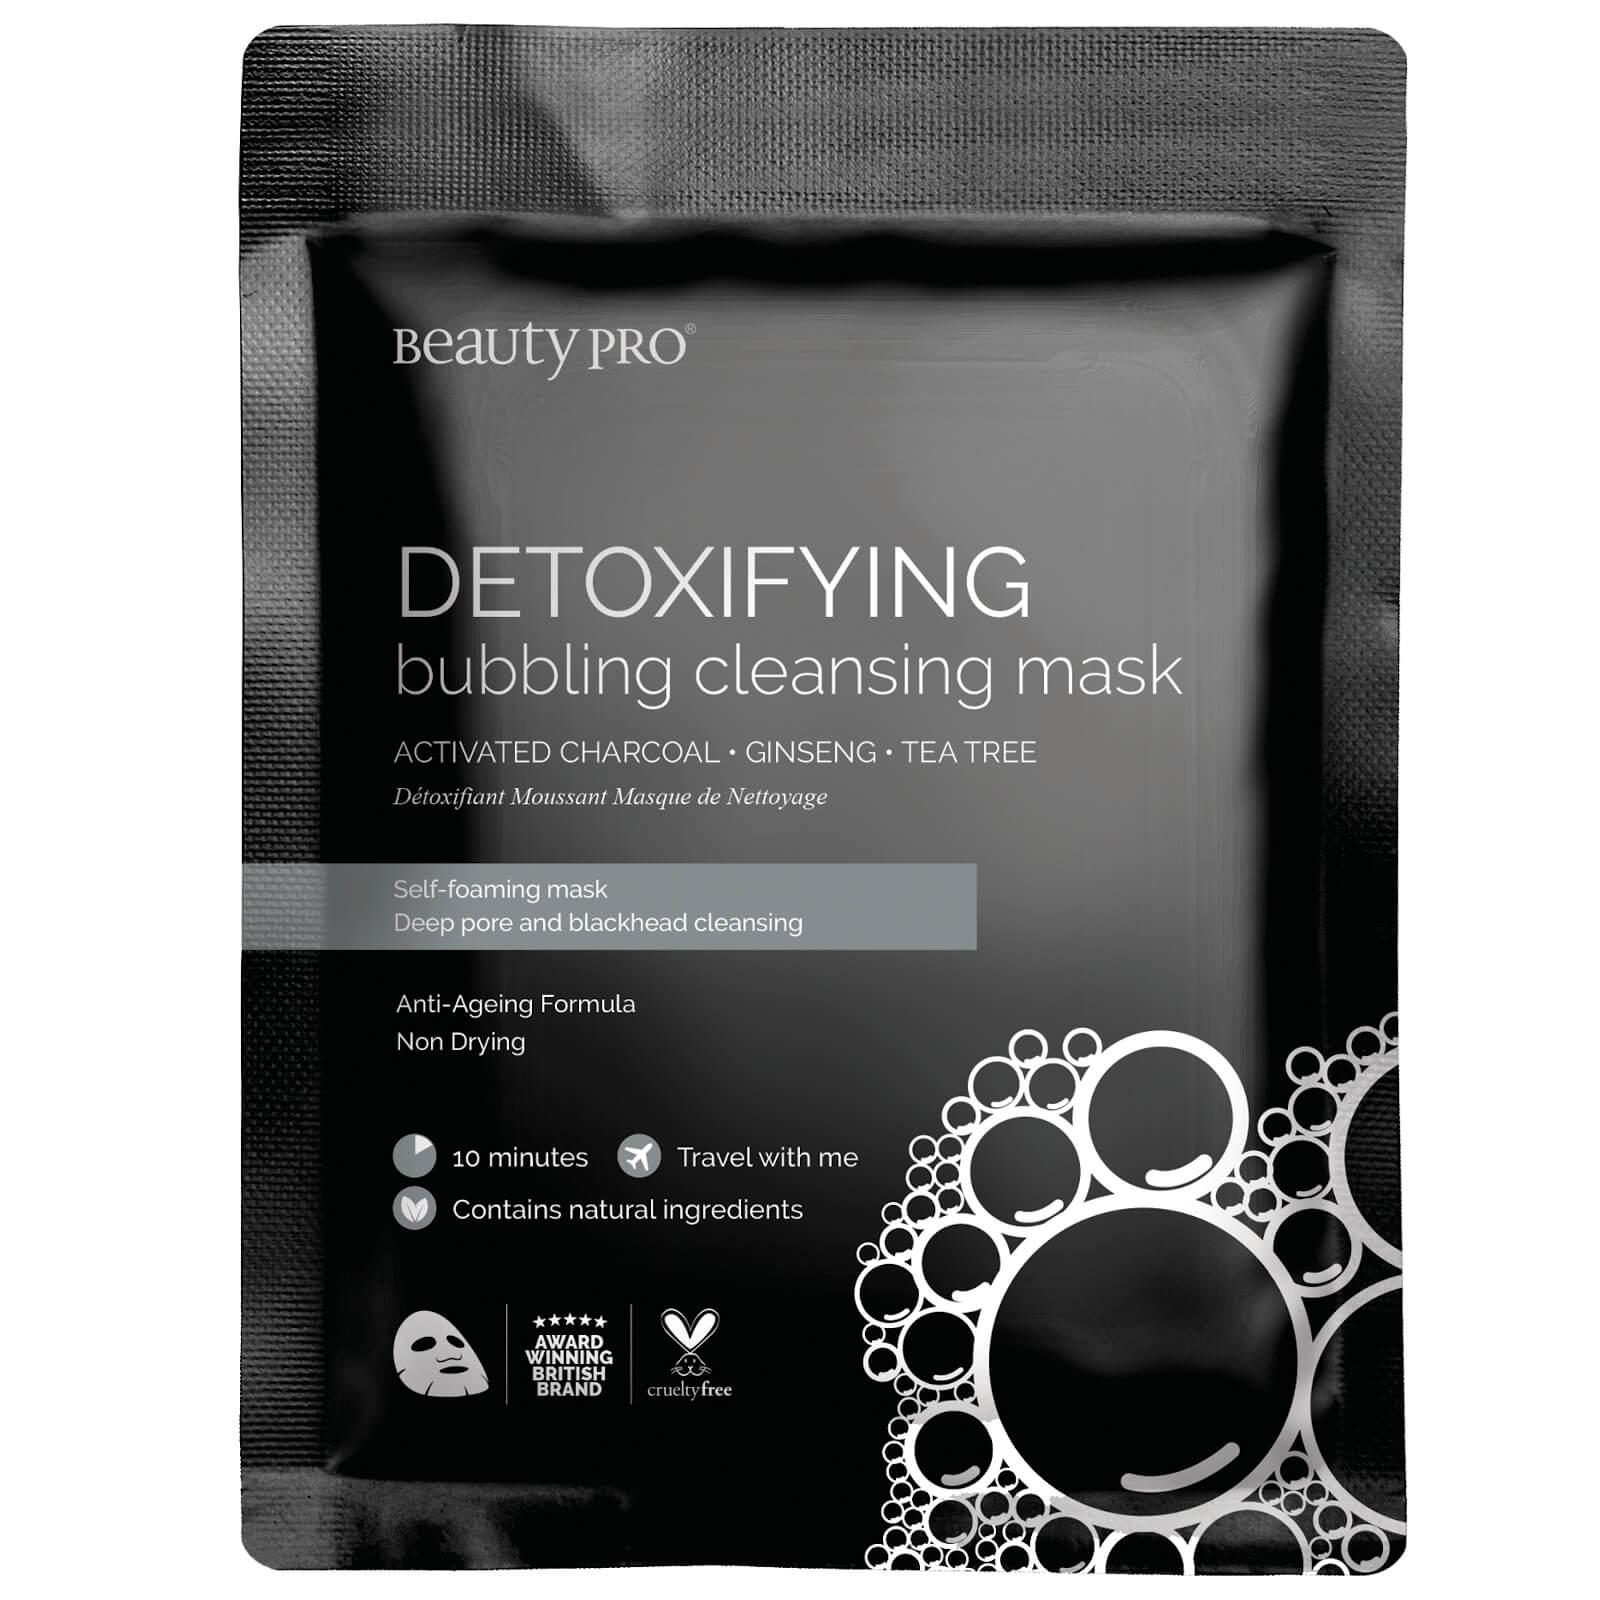 Купить Очищающая тканевая маска с активированным углем BeautyPro Detoxifying Foaming Cleansing Sheet Mask with Activated Charcoal